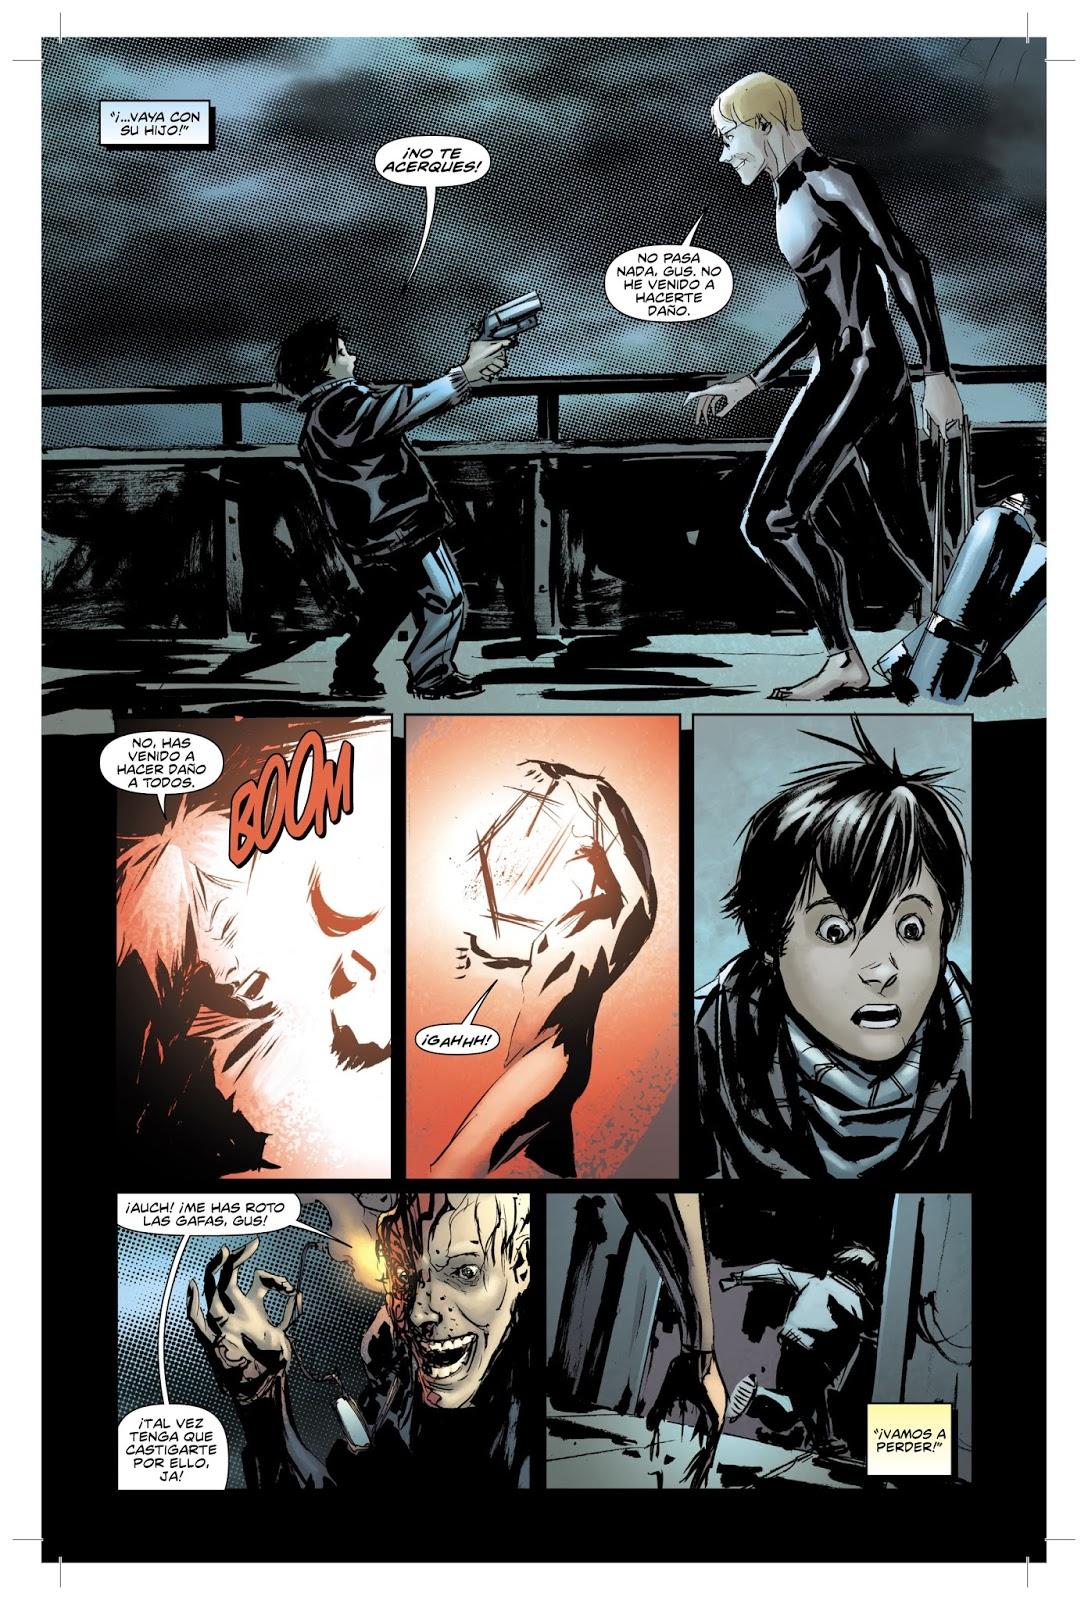 """8be89c48b0 Cuando Felicia llega a su piso con su hijo """"Detecta"""" una presencia extraña  en el mismo y, para protegerlo, lo manda a jugar a casa de un amigo."""